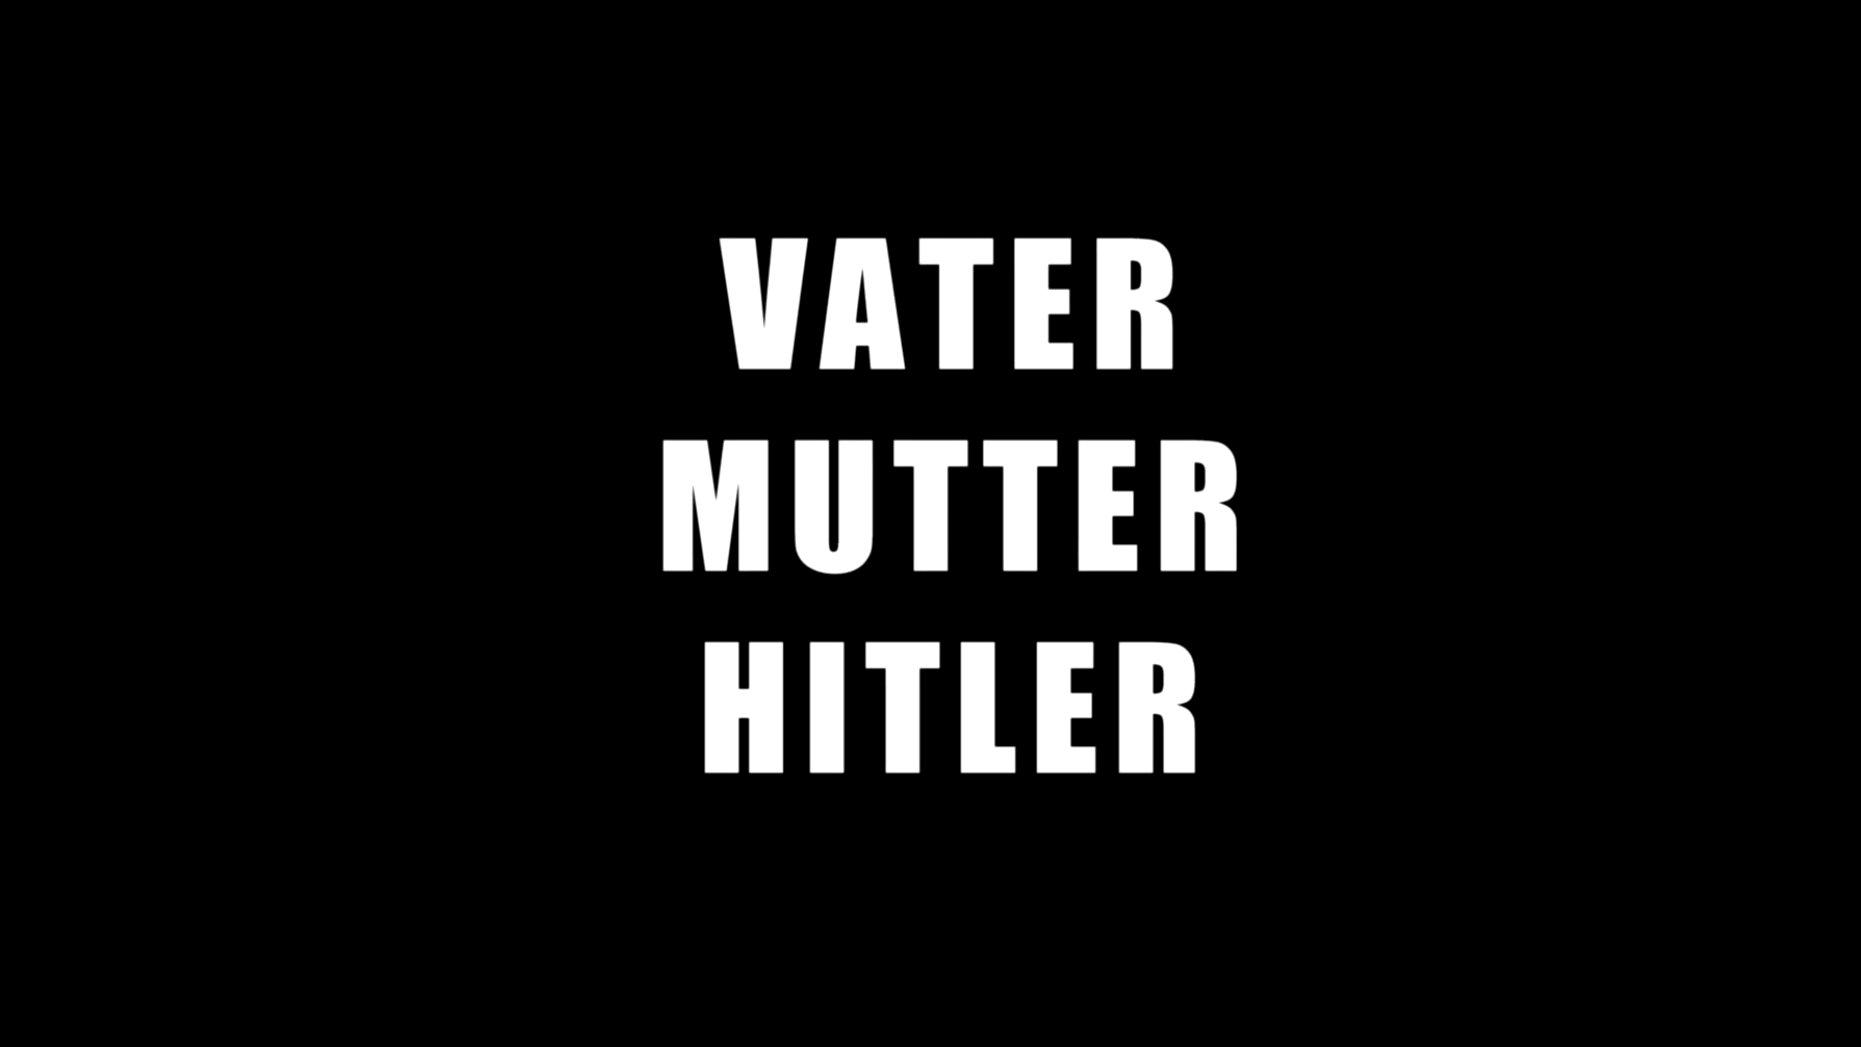 """Trailer zu """"Vater, Mutter, Hitler - vier Videotagebücher und eine Spurensuche"""", 2016."""